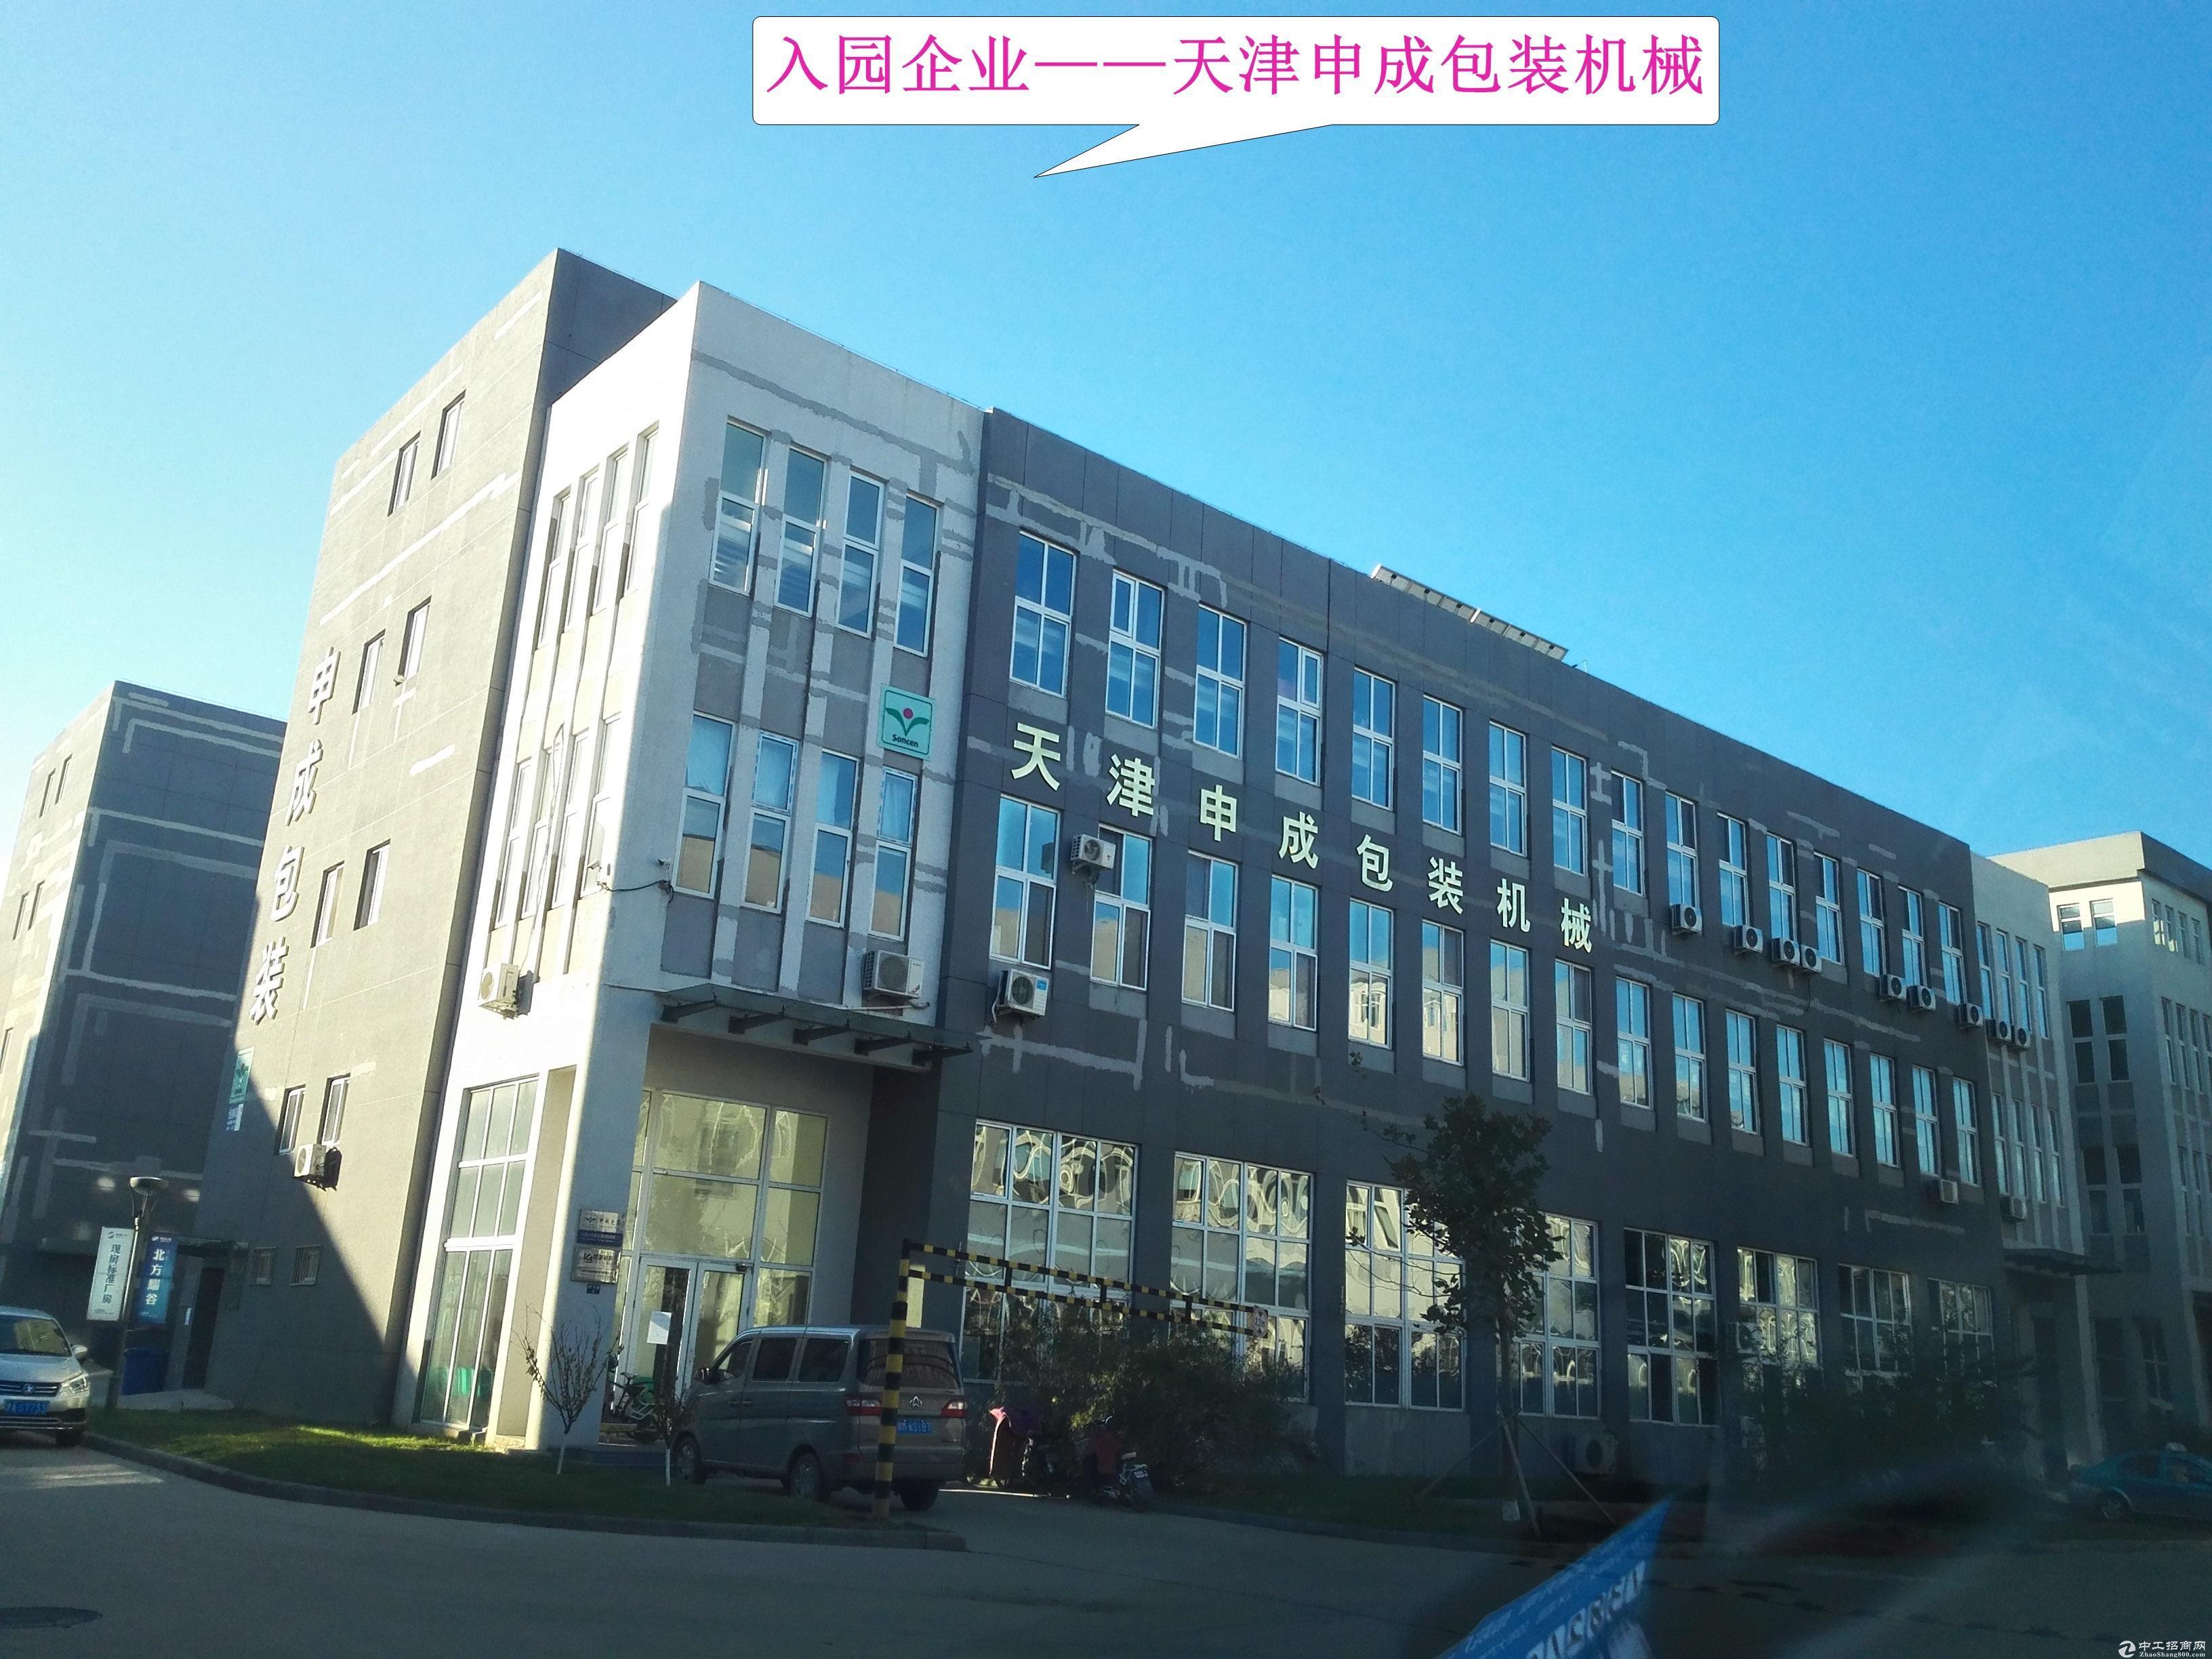 【北辰联东U谷】第四期厂房开盘在即,50年大产权,有独立房本-图4